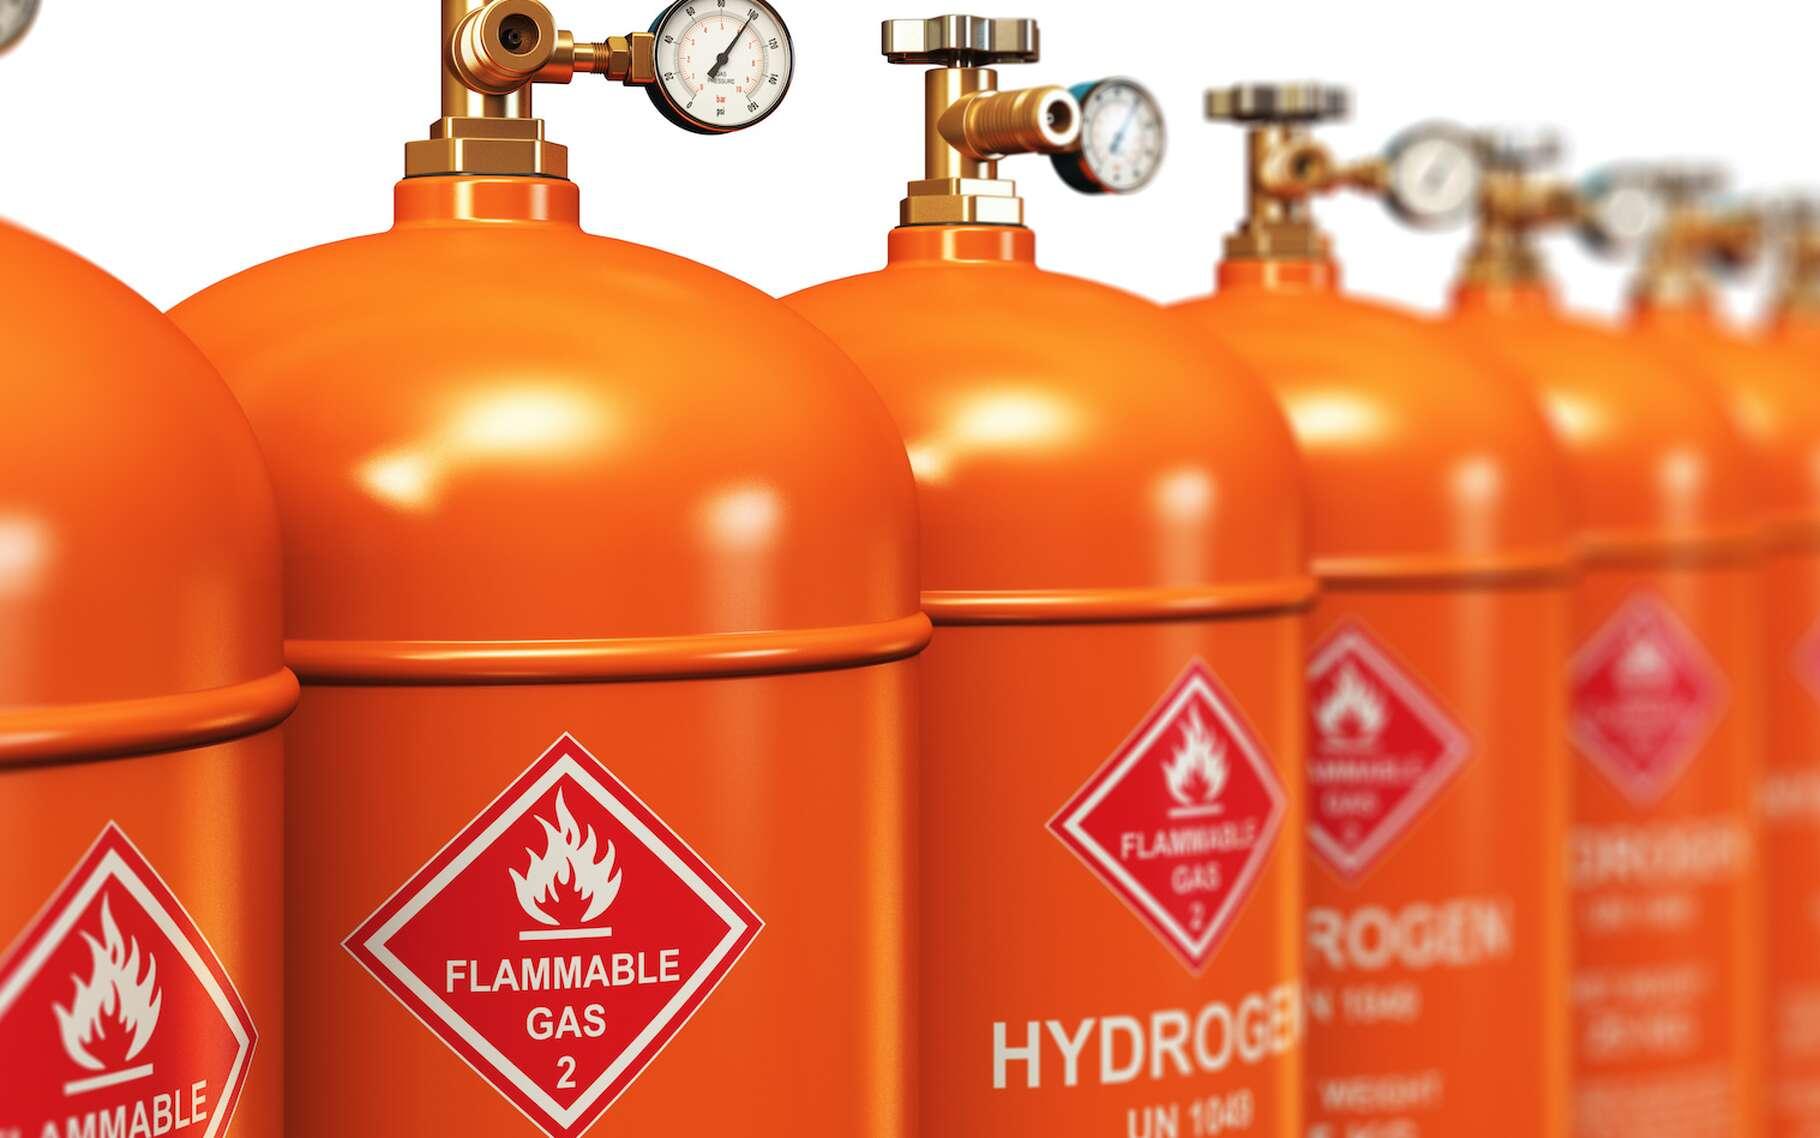 D'ici 2050, le marché de l'hydrogène bas carbone et des combustibles synthétiques pourrait atteindre mille milliards de dollars. Pour cela, il pourrait être pertinent d'orienter les efforts et les investissements en priorité vers les usages pour lesquels l'hydrogène offre une efficacité économique et écologique intéressante : les usages industriels. © Scanrail, Adobe Stock